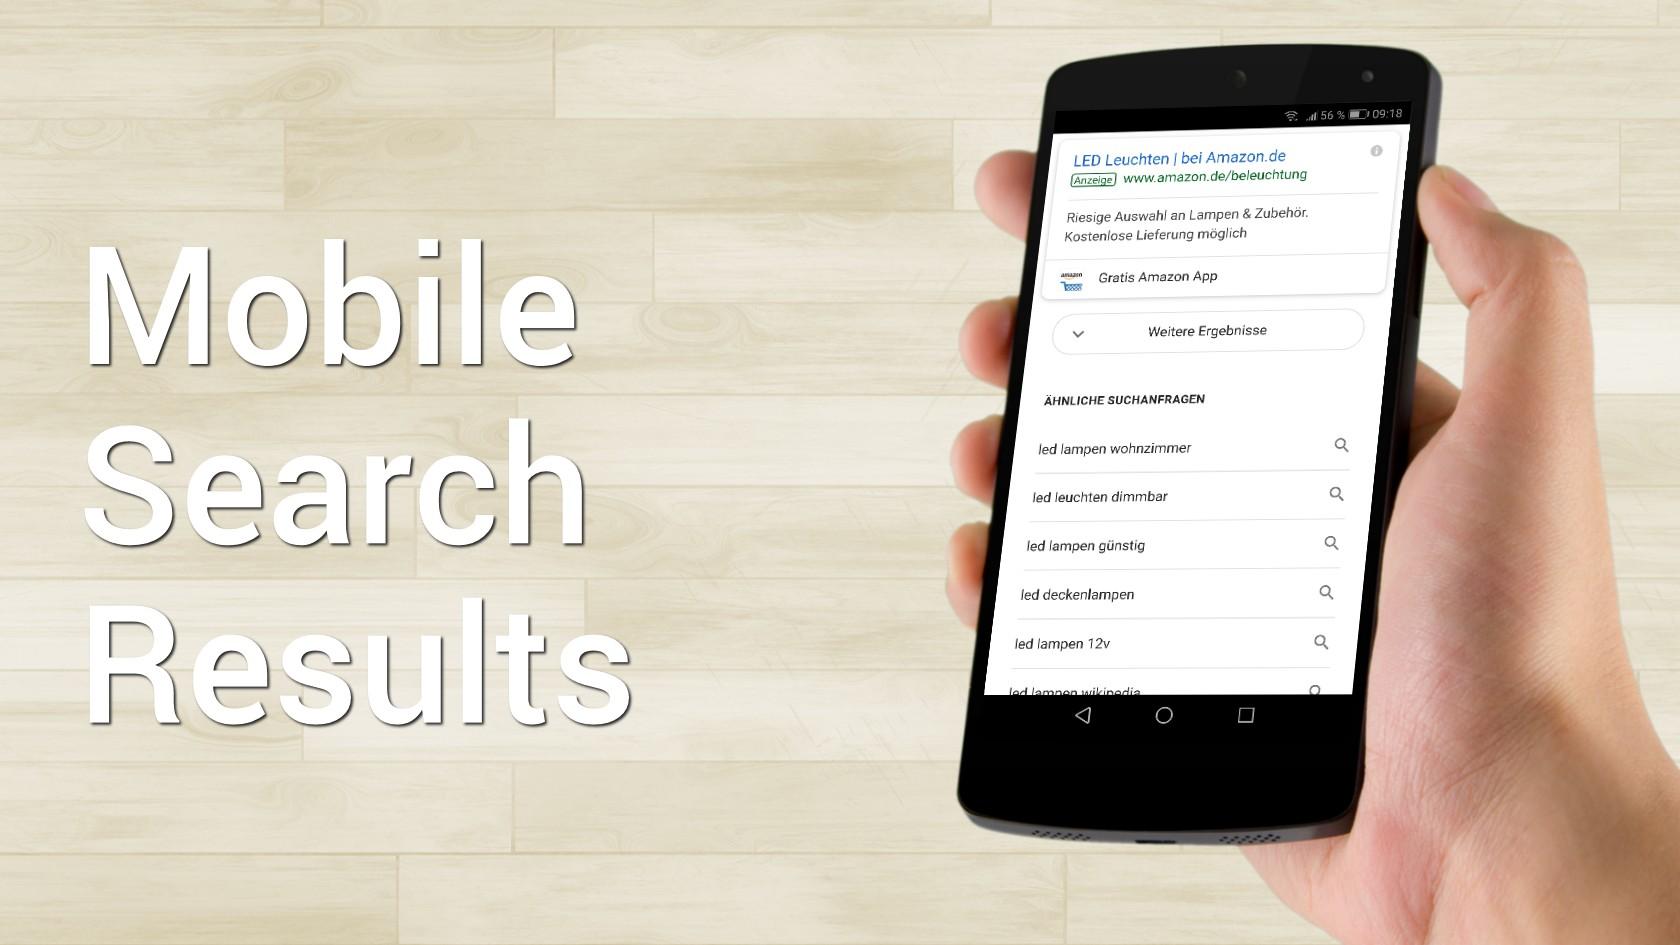 """Mobile Suchergebnissseite mit """"Weitere Ergebnisse"""" Button"""